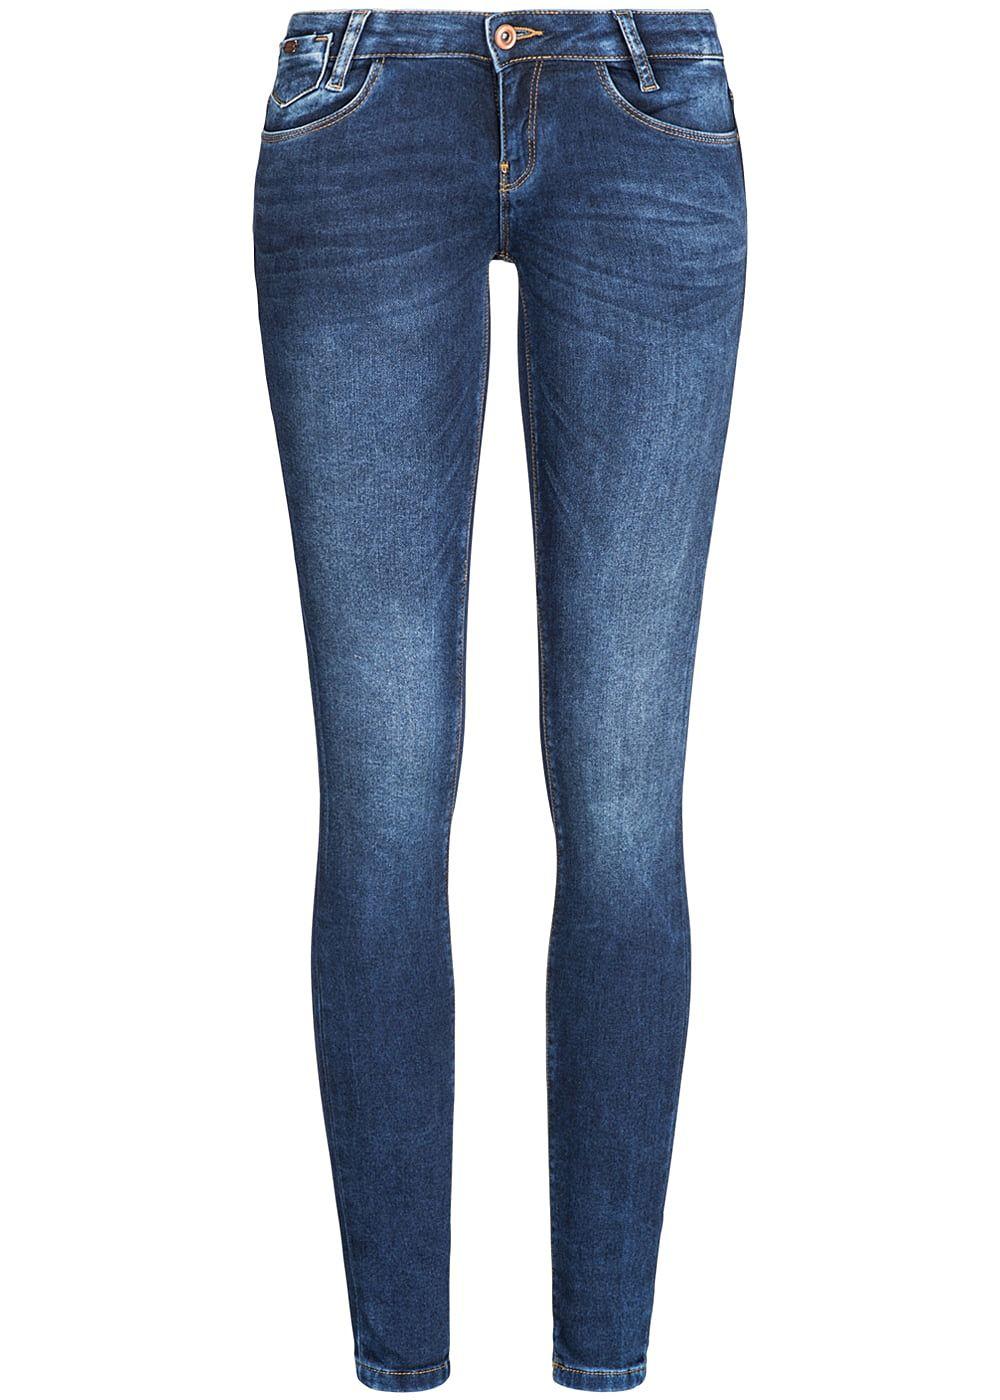 only damen jeans hose super low skinny 5 pockets stretch dunkel blau denim 77onlineshop. Black Bedroom Furniture Sets. Home Design Ideas